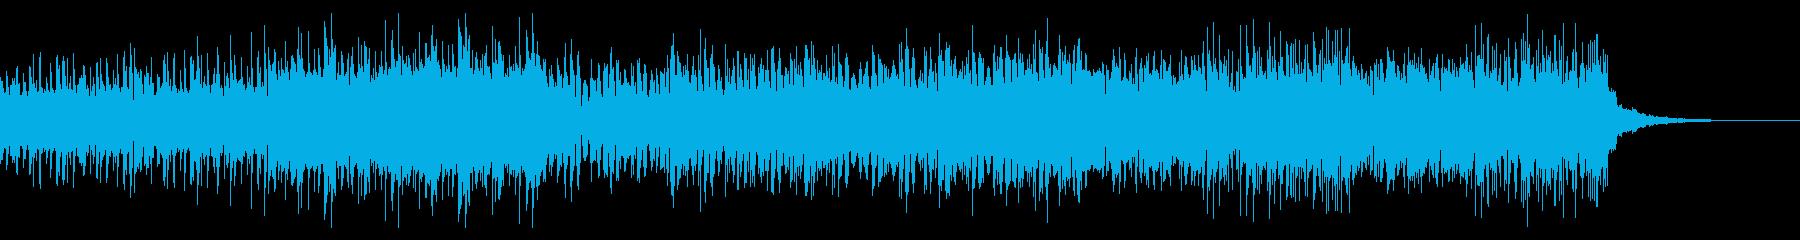 テンポの速いサスペンスで不気味なビートの再生済みの波形